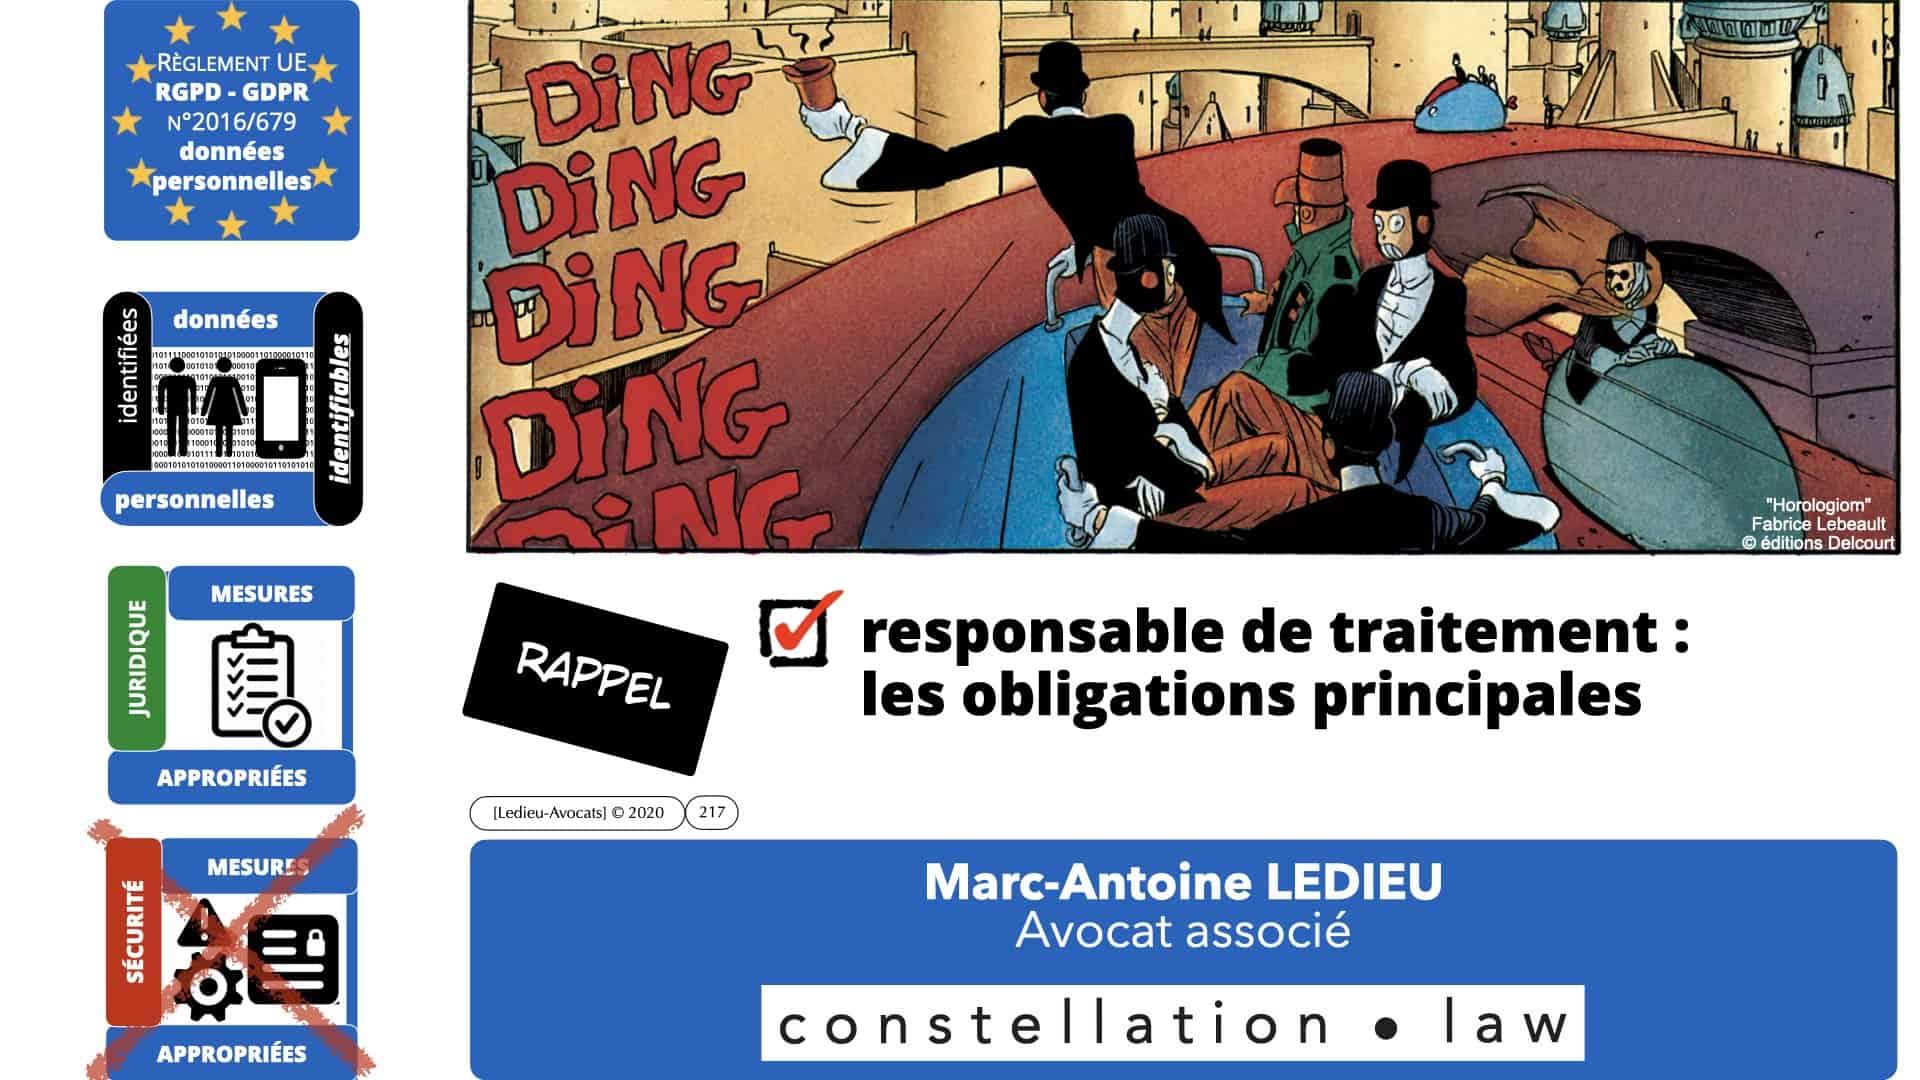 RGPD e-Privacy données personnelles jurisprudence formation Lamy Les Echos 10-02-2021 ©Ledieu-Avocats.217